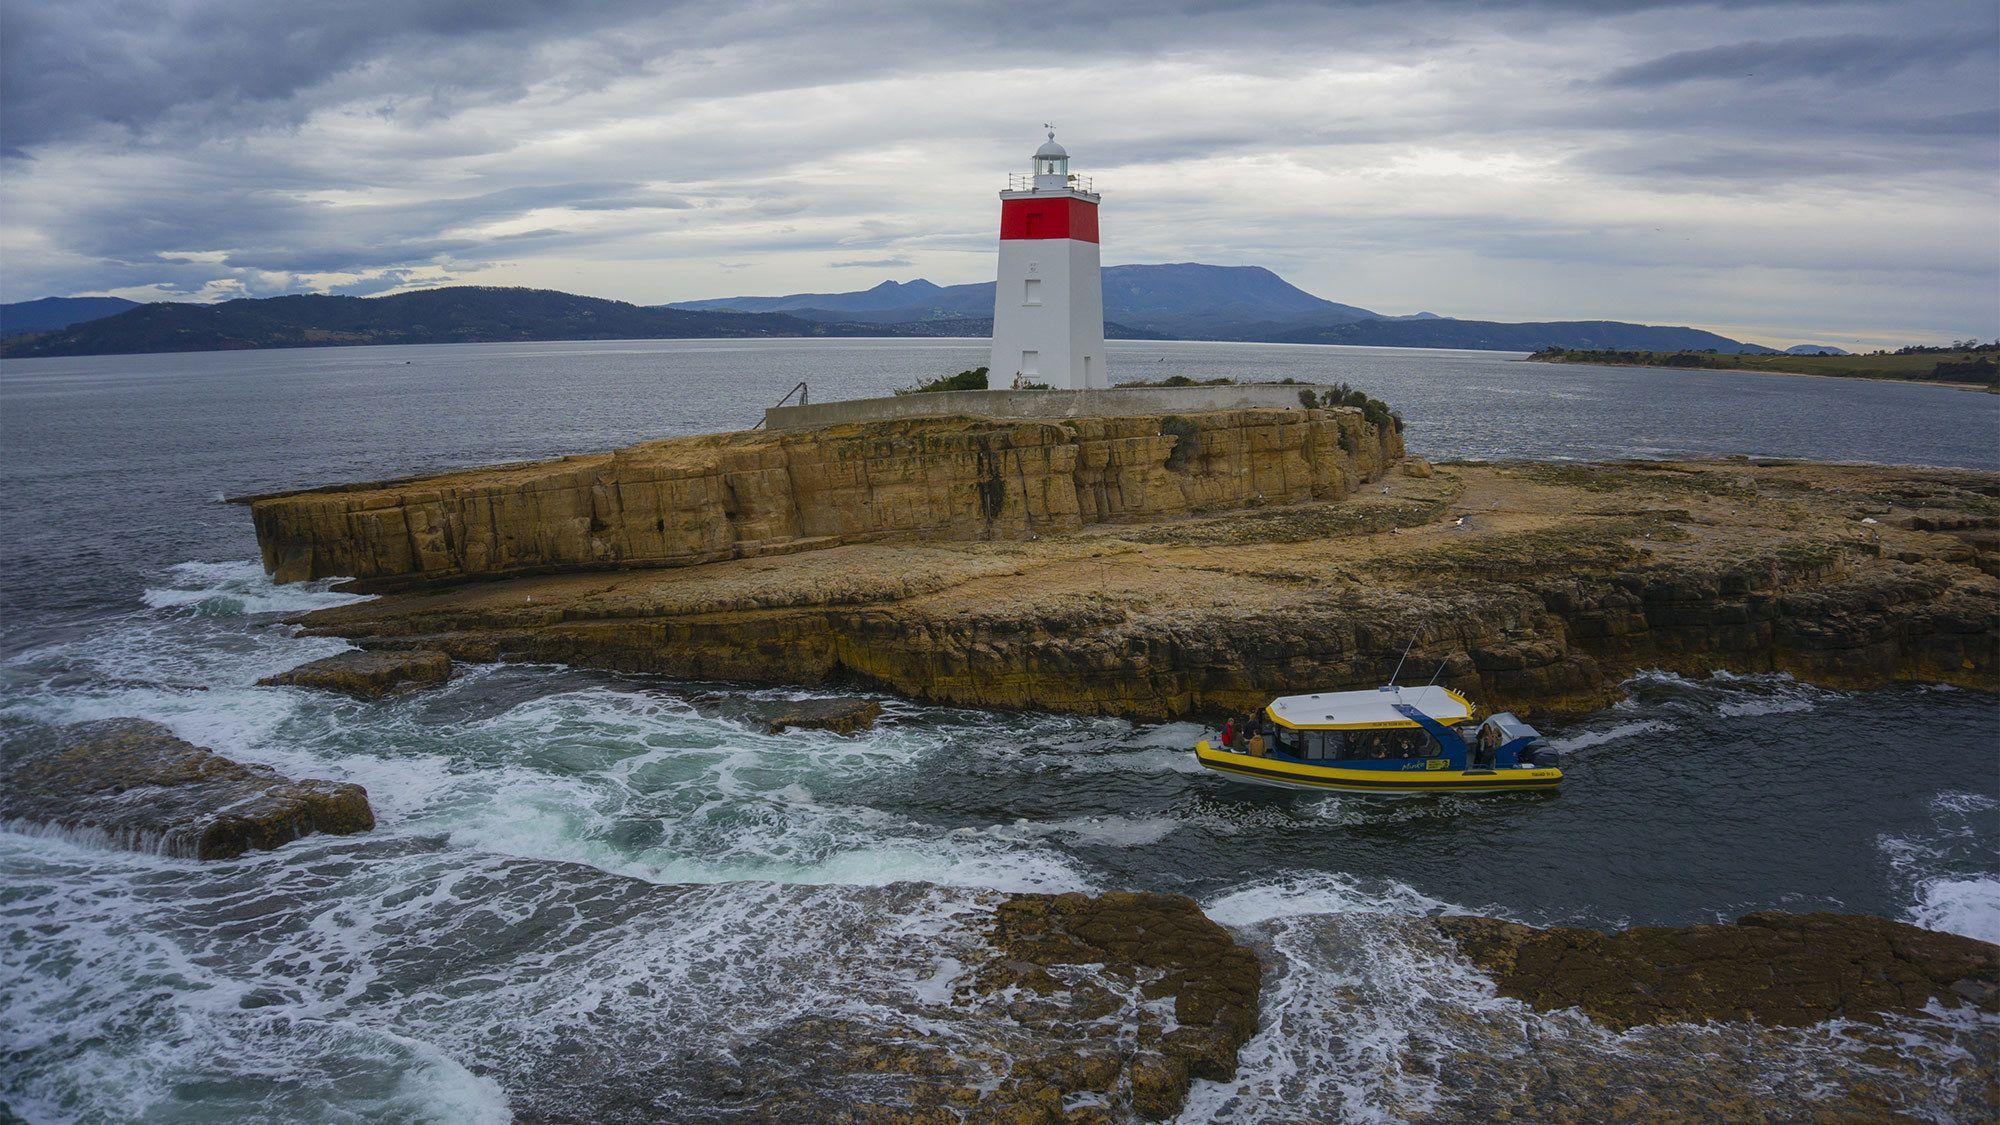 Scenic Hobart Waterfront Cruise